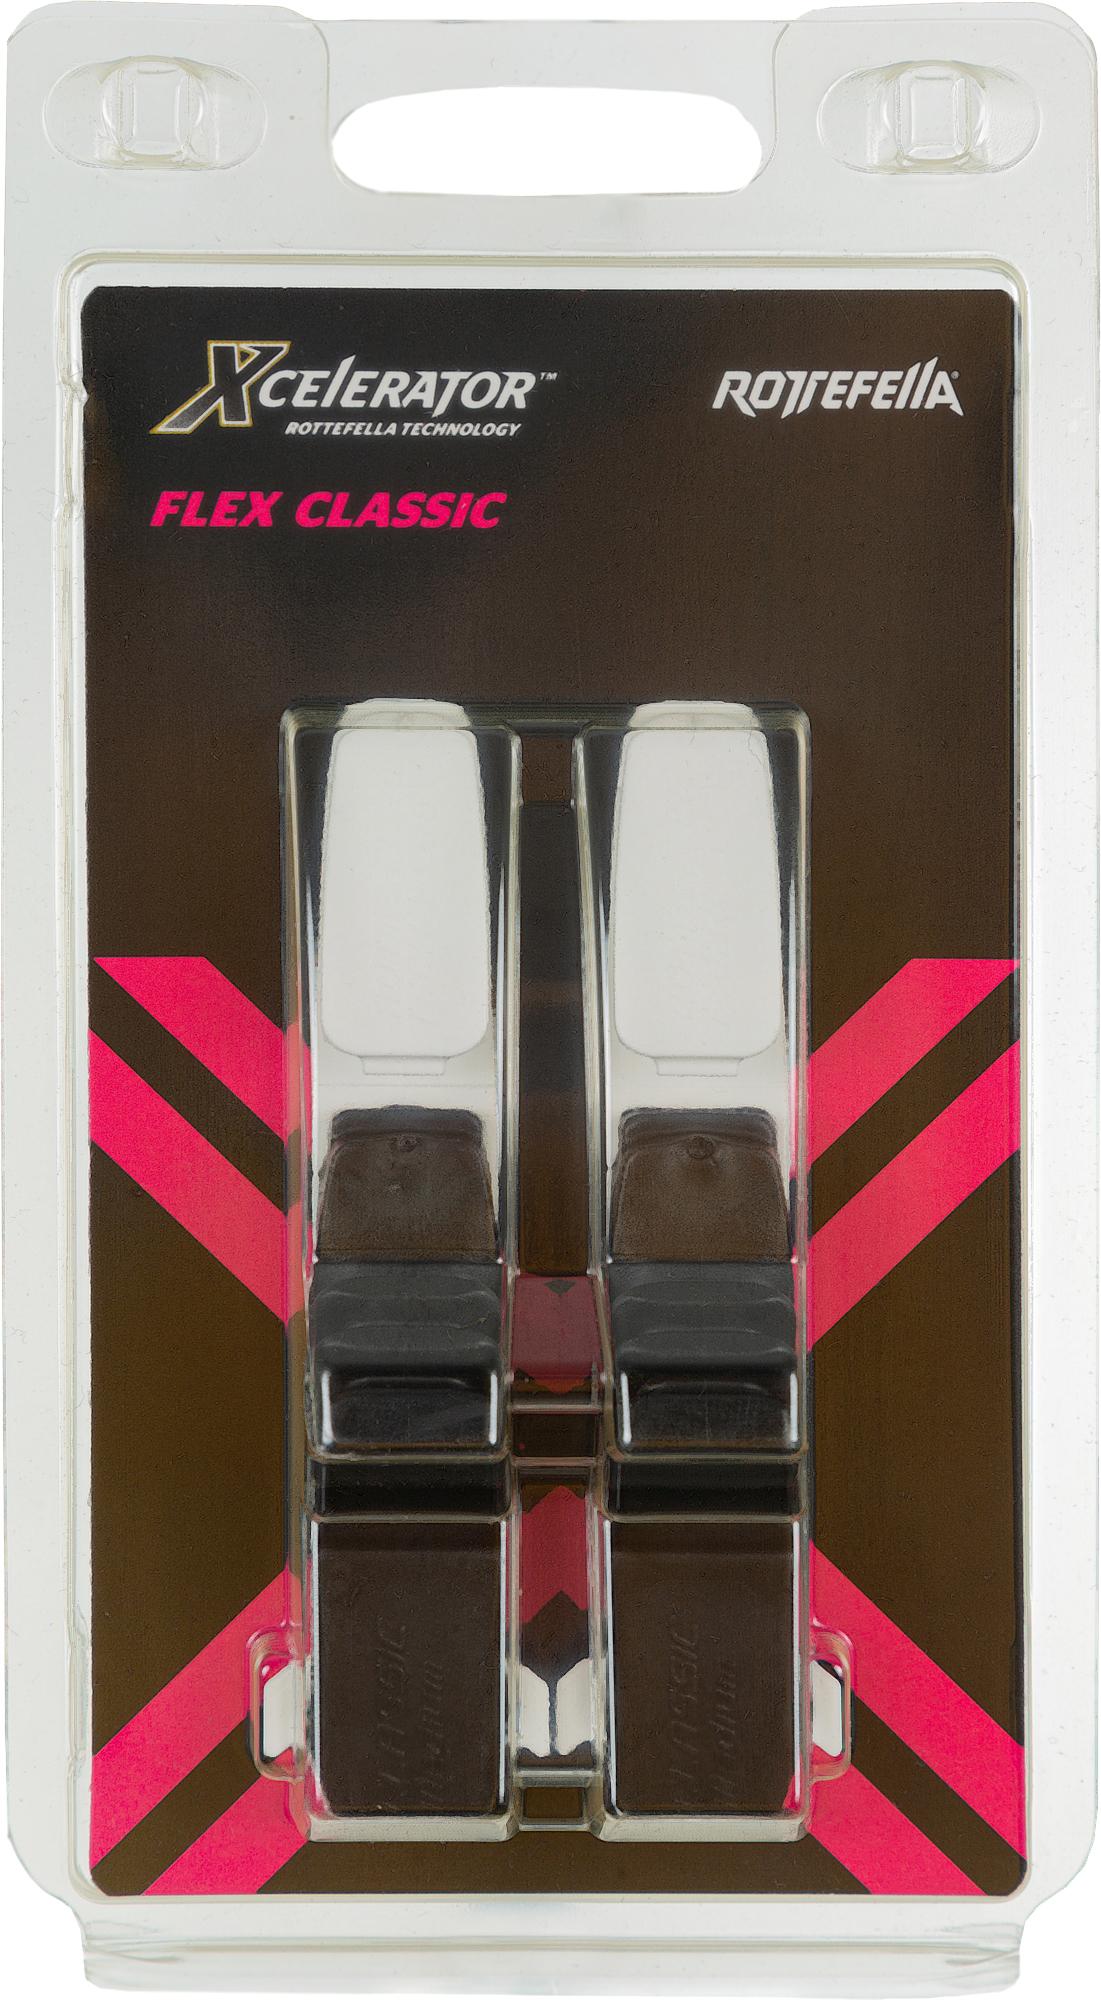 Rottefella Флексор для креплений беговых лыж Xcelerator Classic Flex